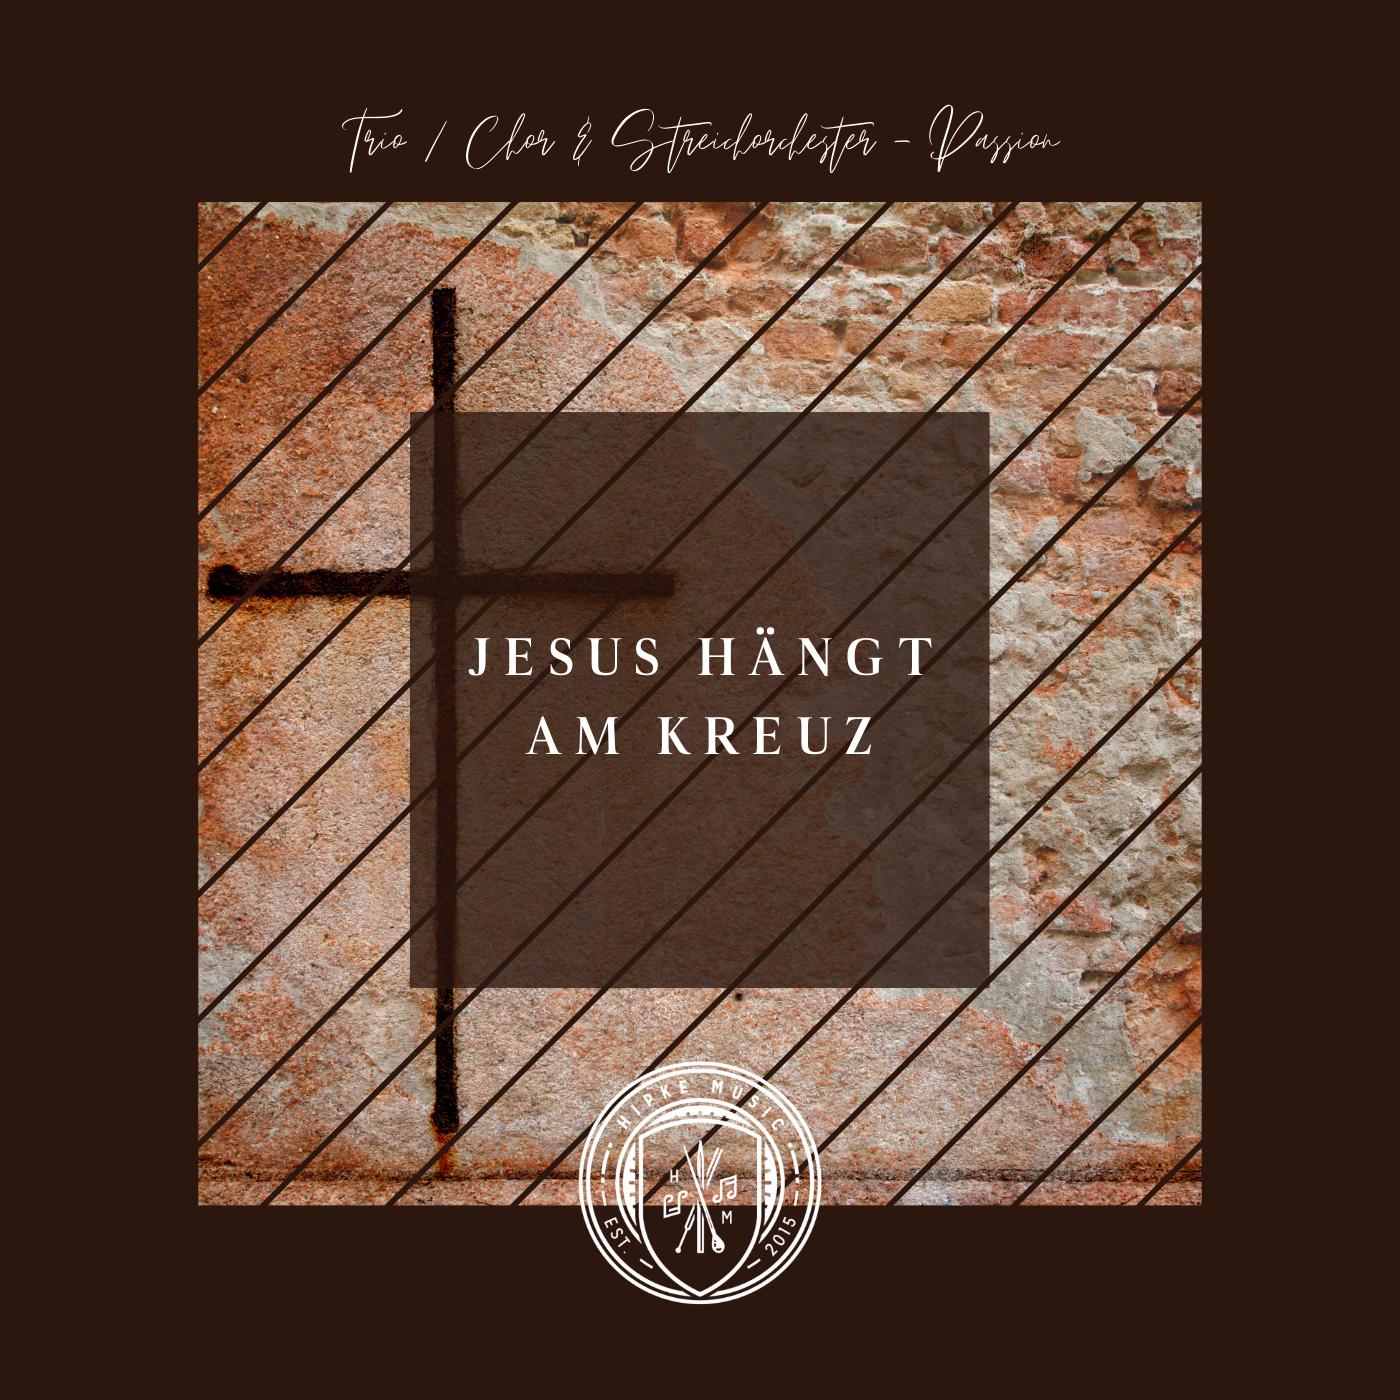 Jesus hängt am Kreuz